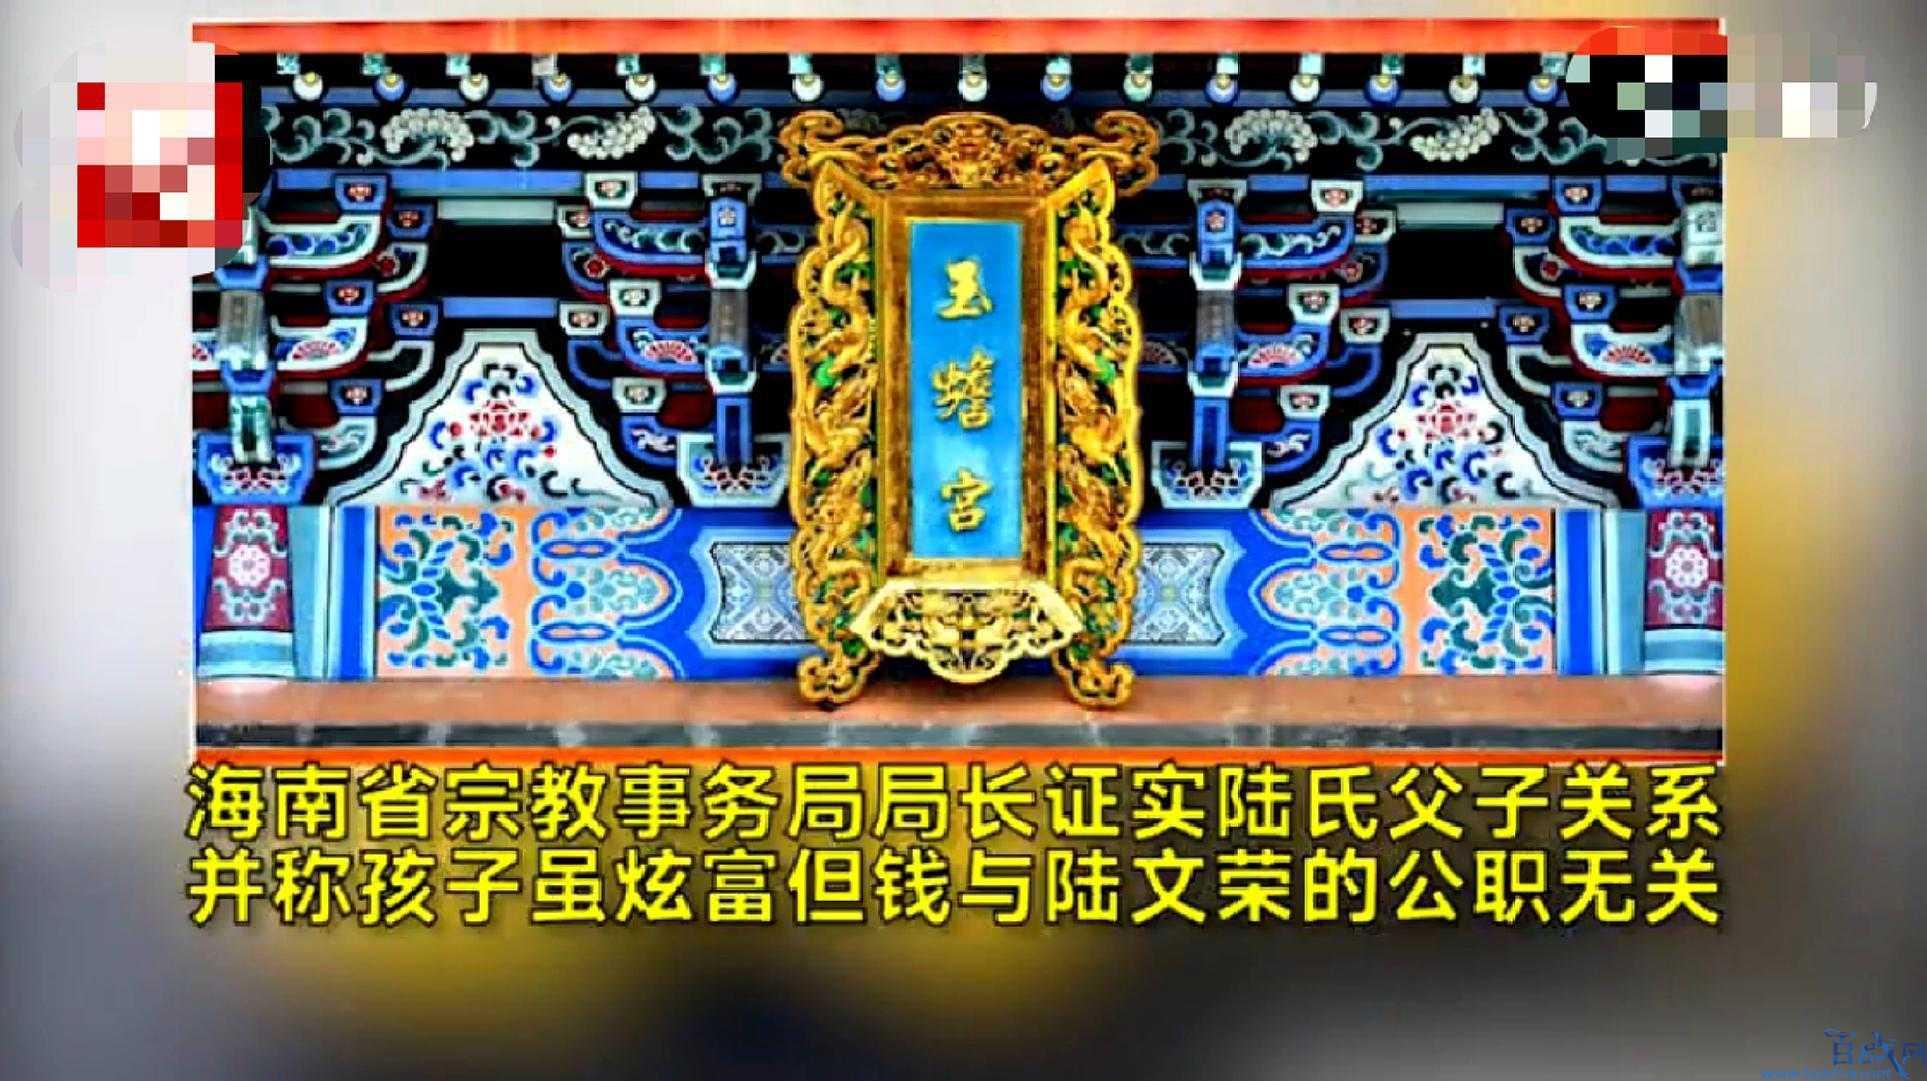 中国道教协会副会长之子炫富被绑架 对于炫富行为你怎么看?